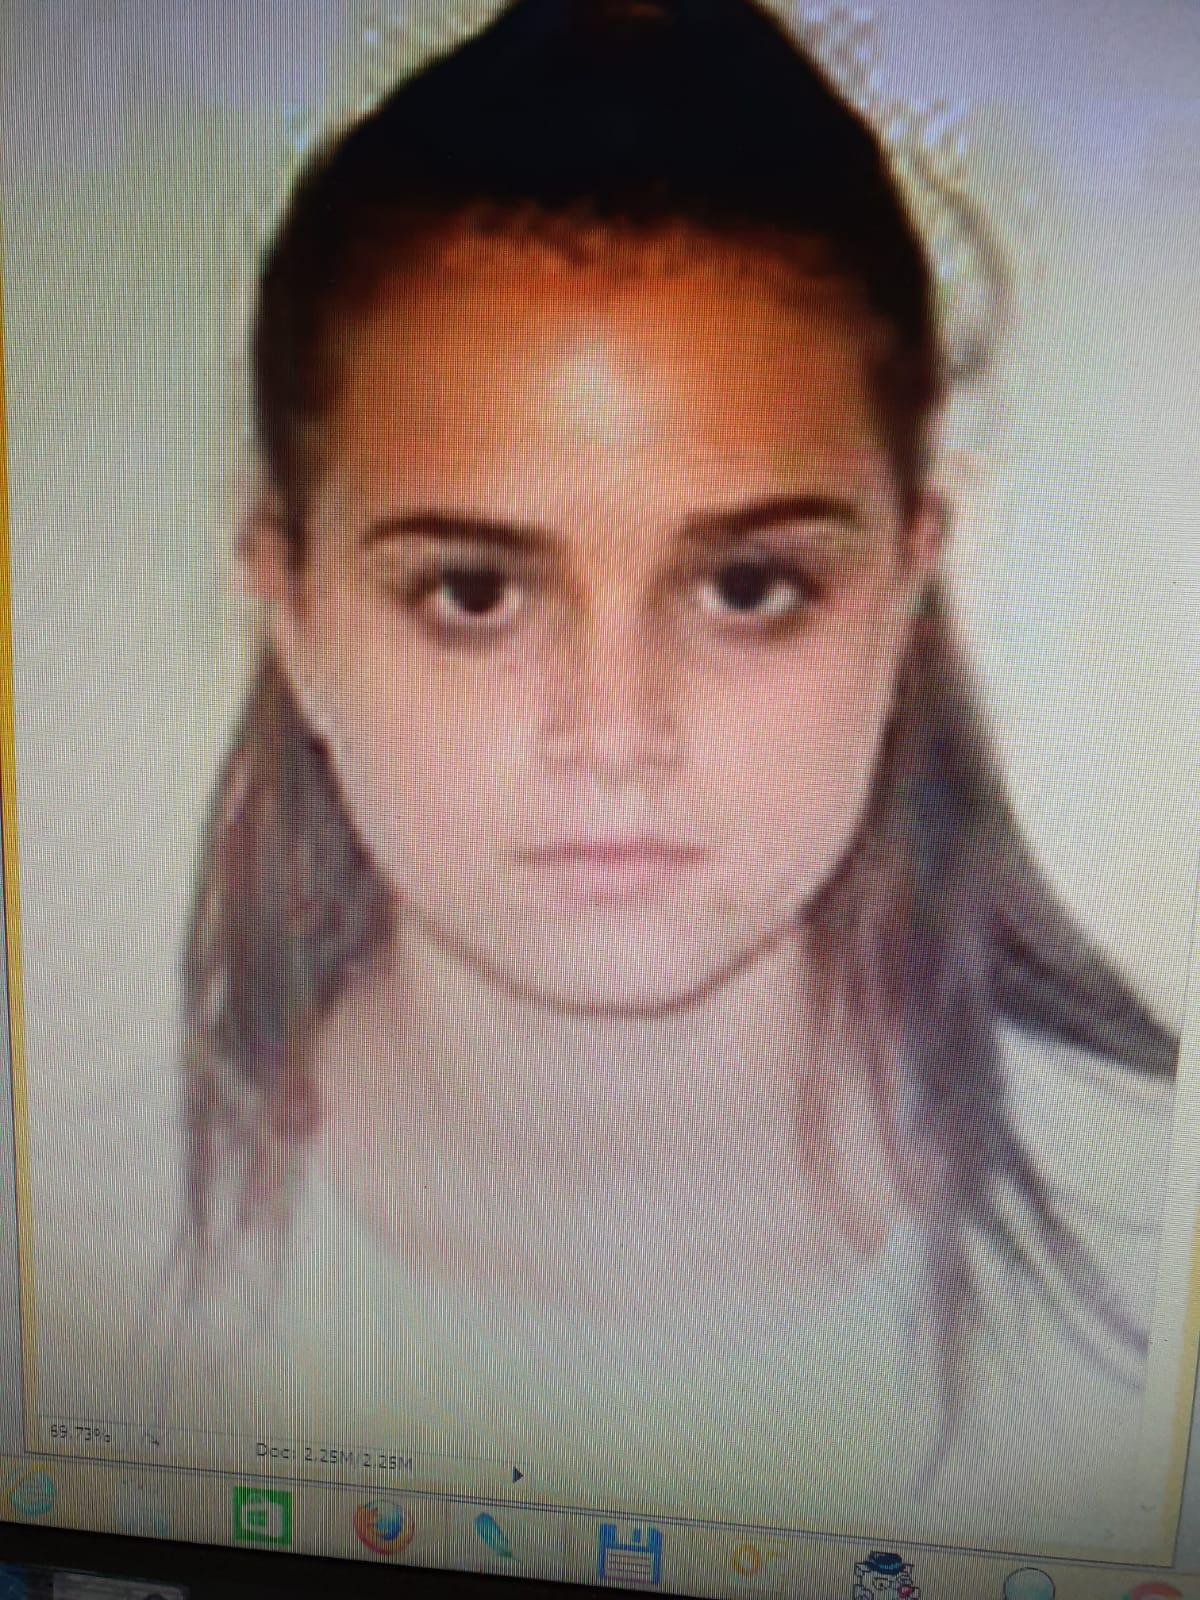 Tânăra de 16 ani dispărută de acasă s-a reîntors la familie după mai bine de 30 de ore